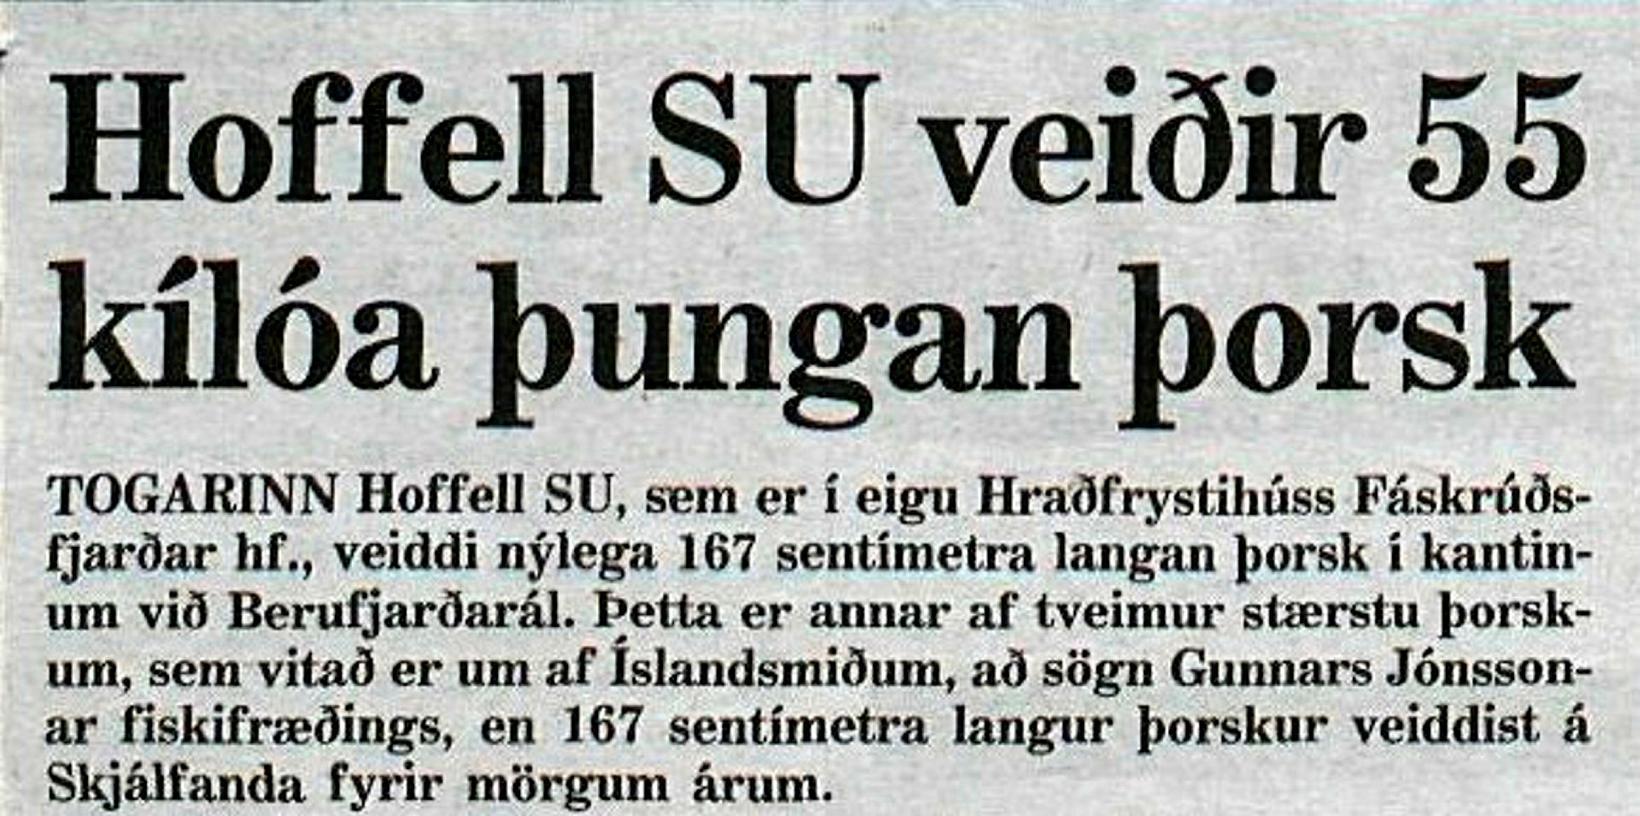 Úr Morgunblaðinu 1991.